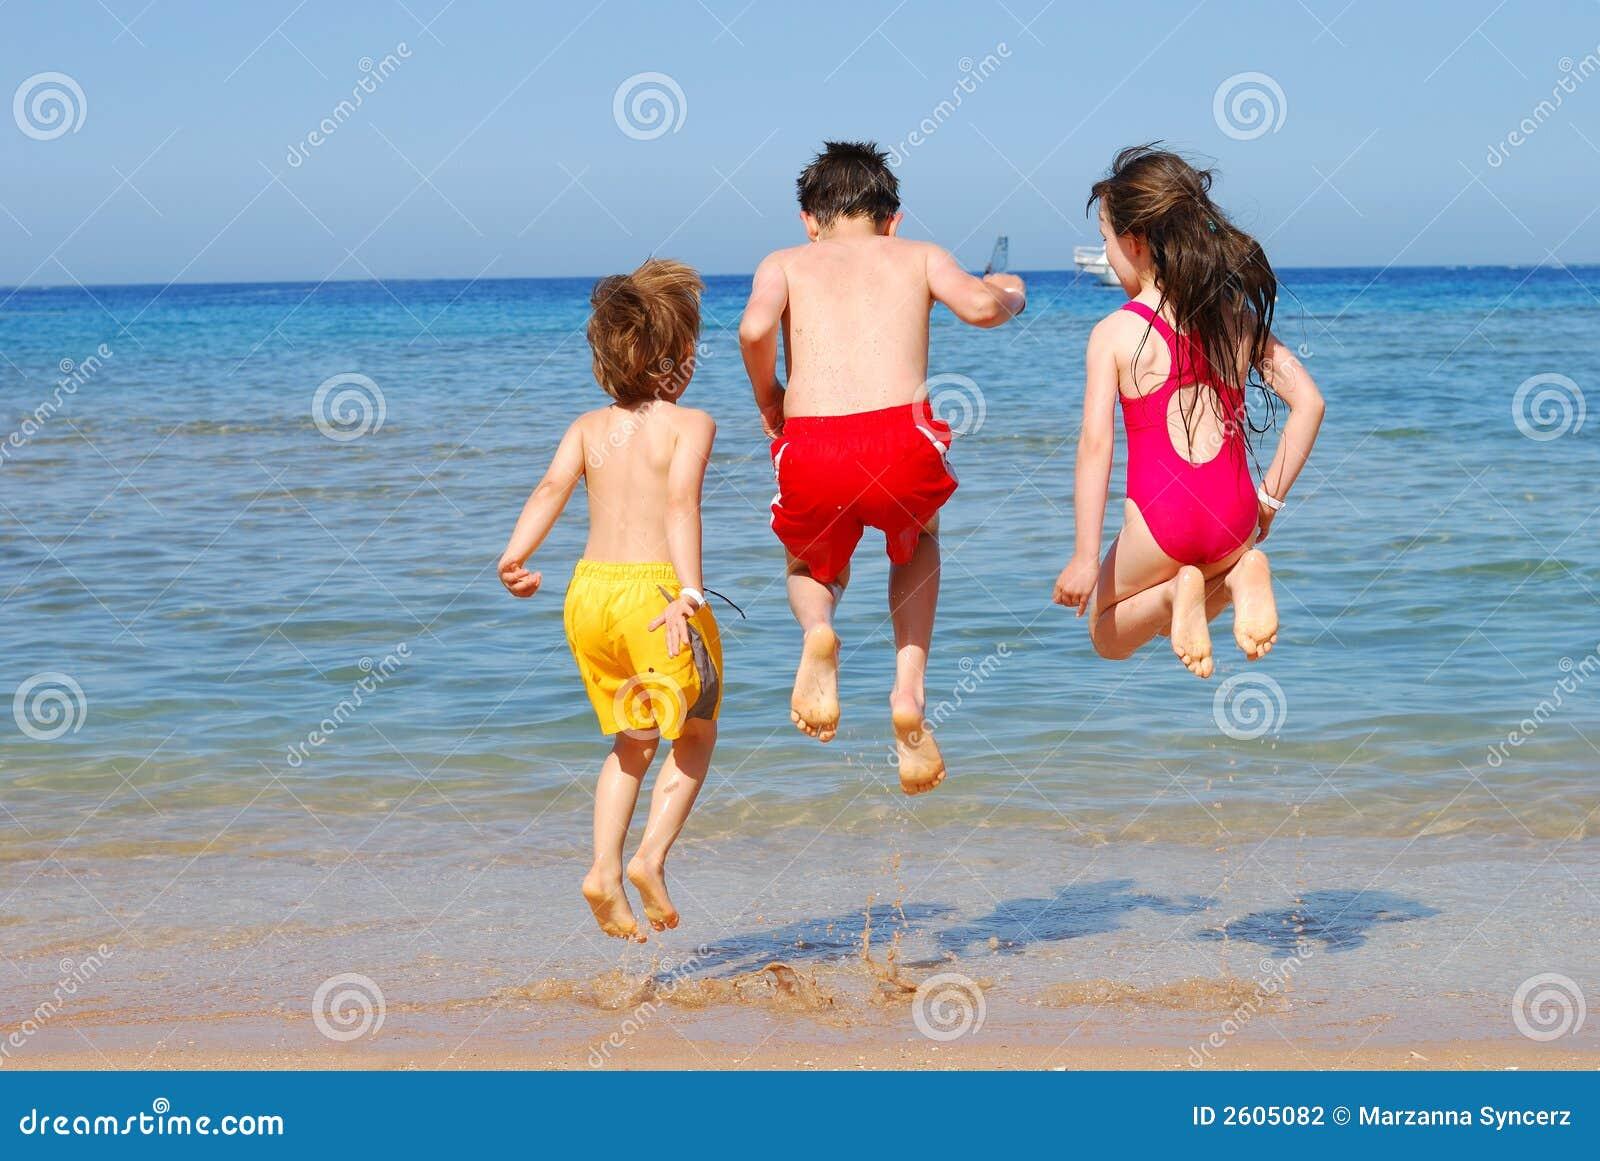 Jonge geitjes die bij het strand springen